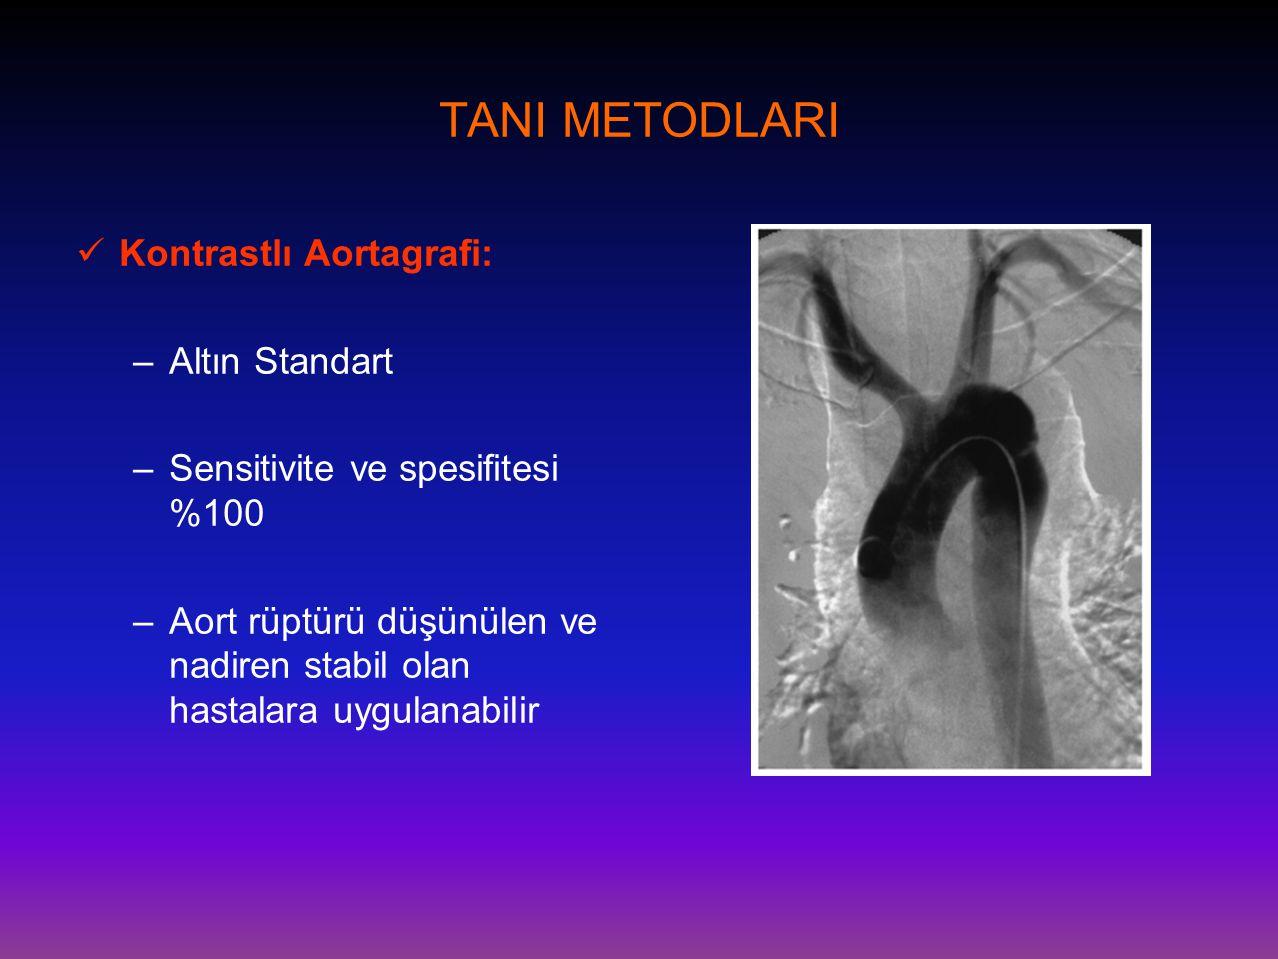 TANI METODLARI Kontrastlı Aortagrafi: Altın Standart